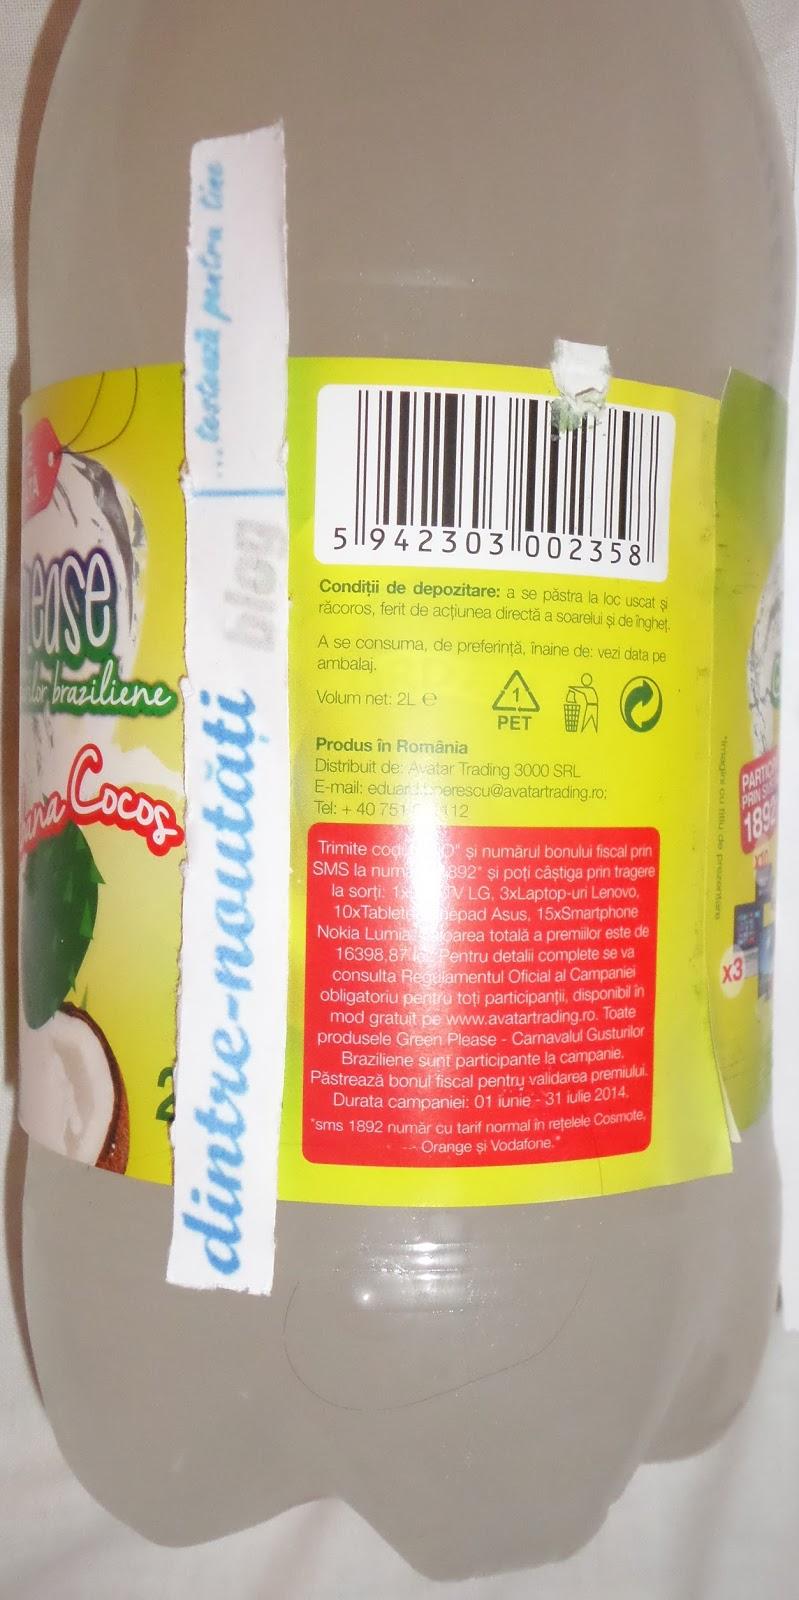 Băutură răcoritoare carbonatată cu îndulcitori și arome guanabana-cocos